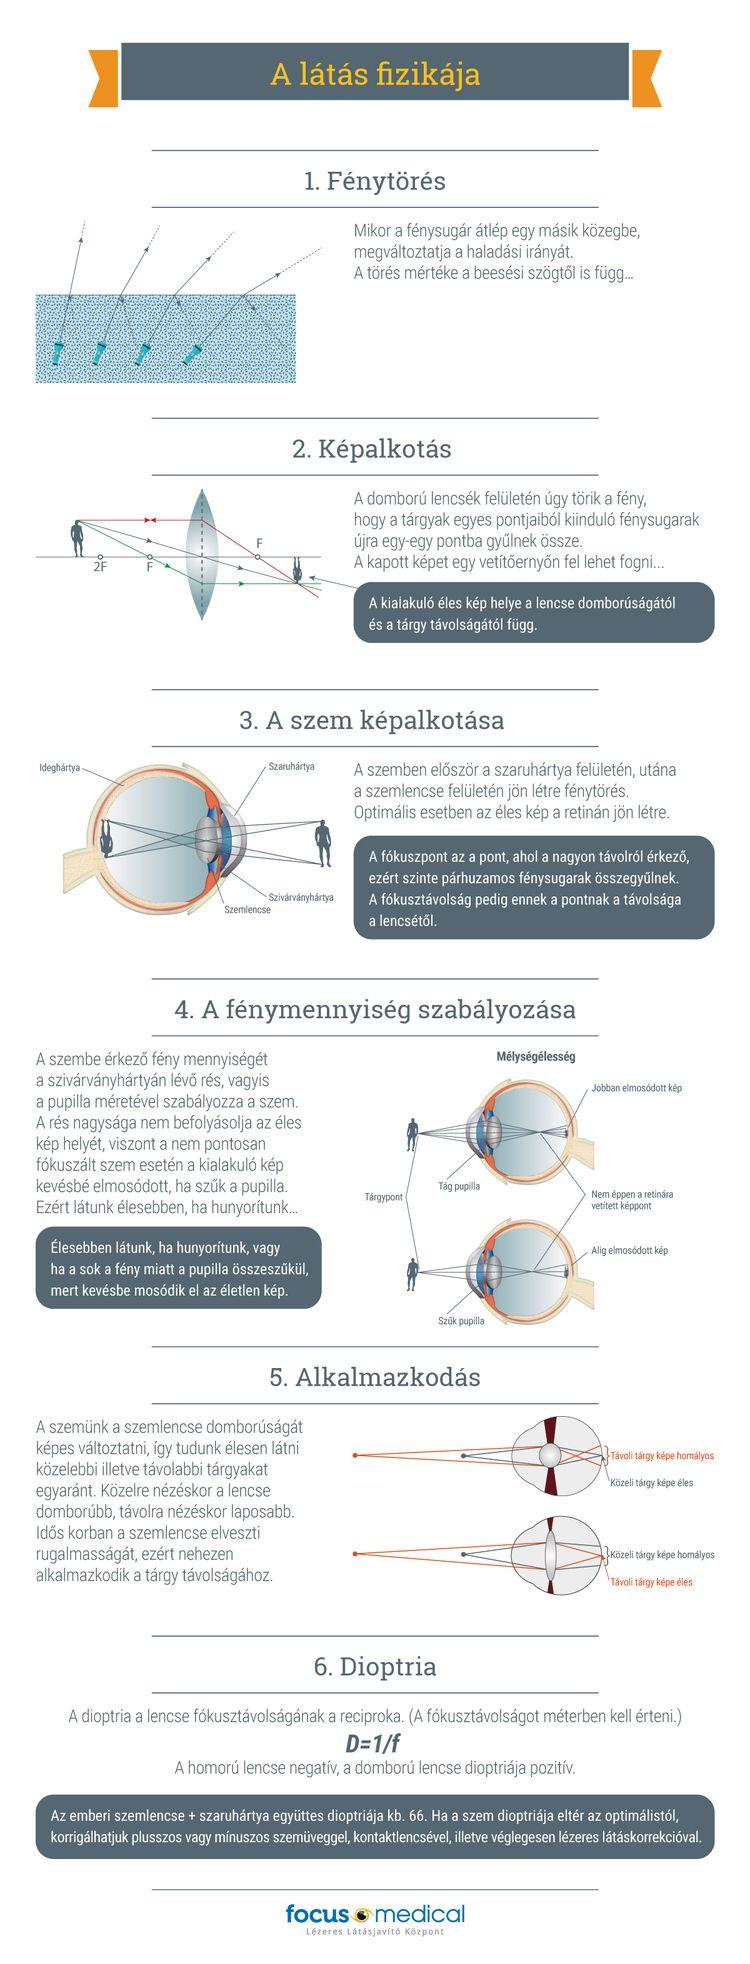 a látás korának dinamikája élelmiszeripari termékek a látás javítása érdekében